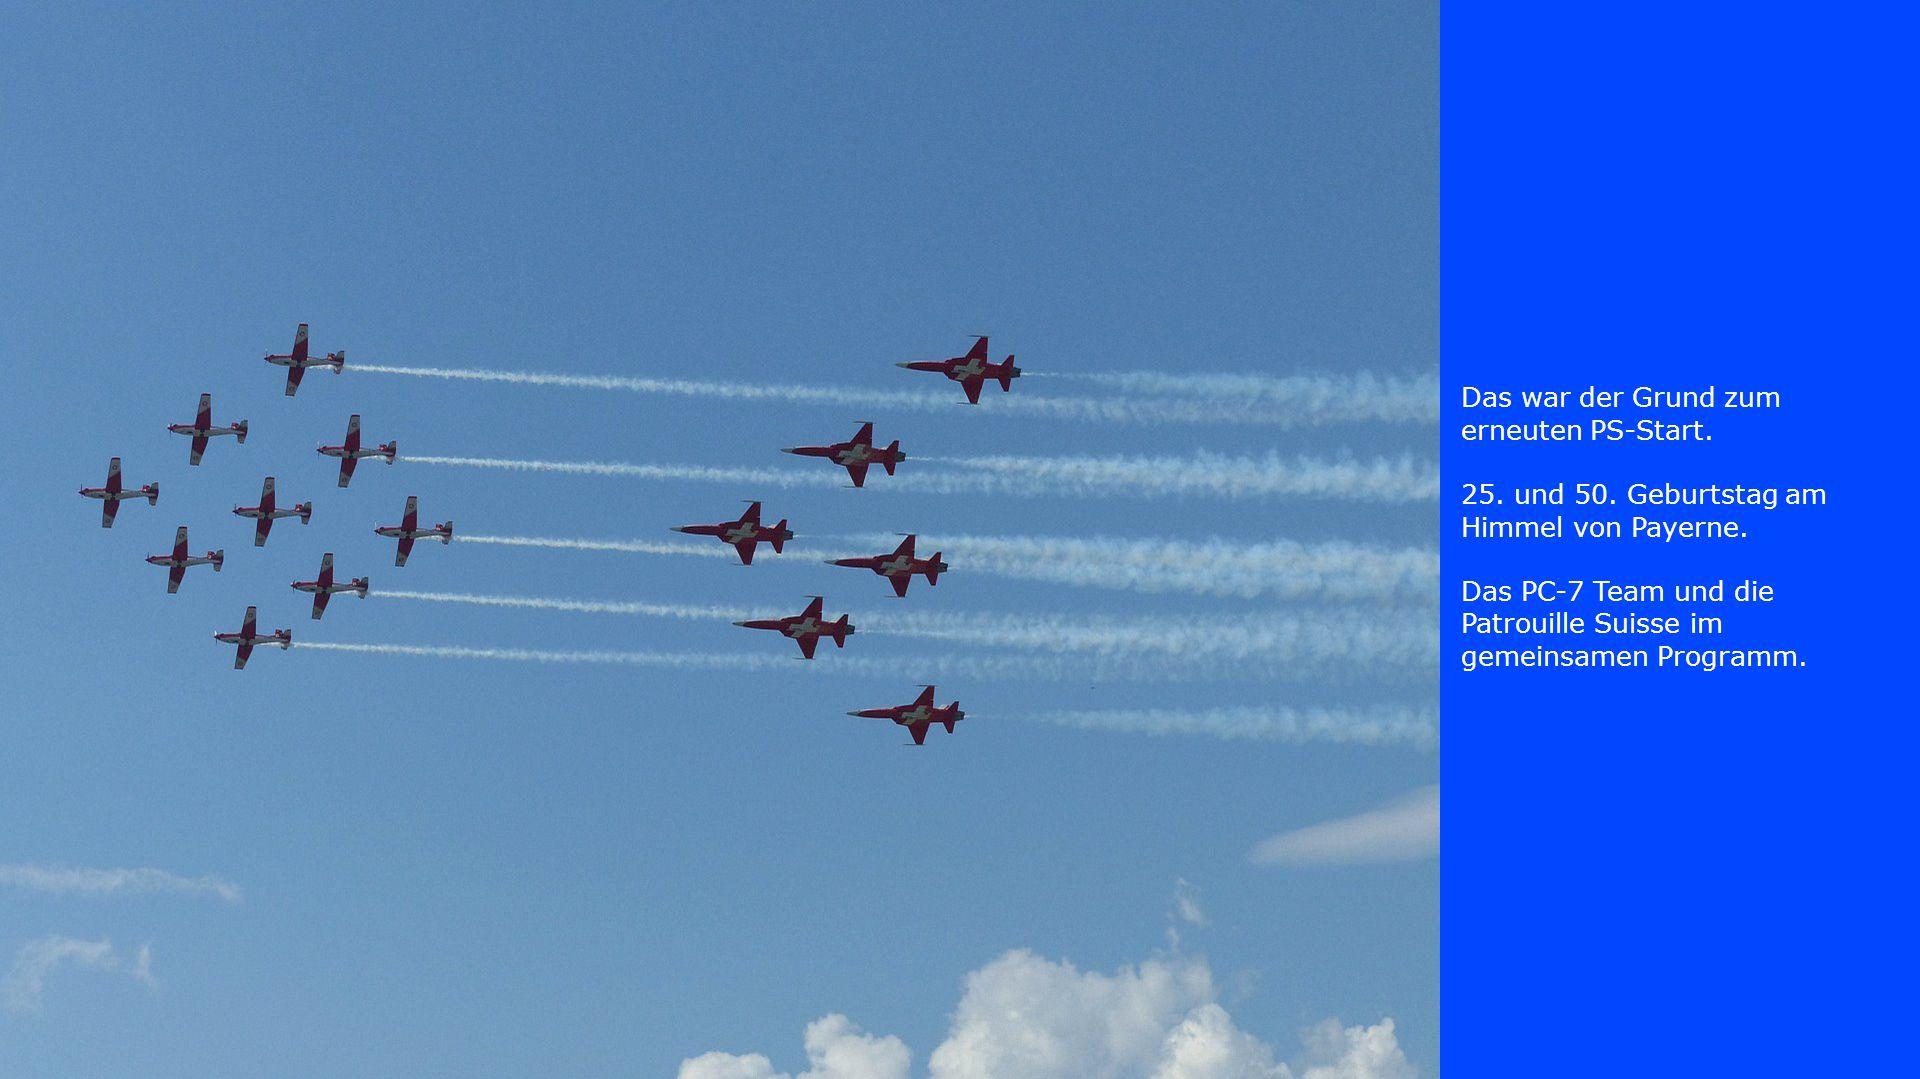 Das war der Grund zum erneuten PS-Start. 25. und 50. Geburtstag am Himmel von Payerne. Das PC-7 Team und die Patrouille Suisse im gemeinsamen Programm